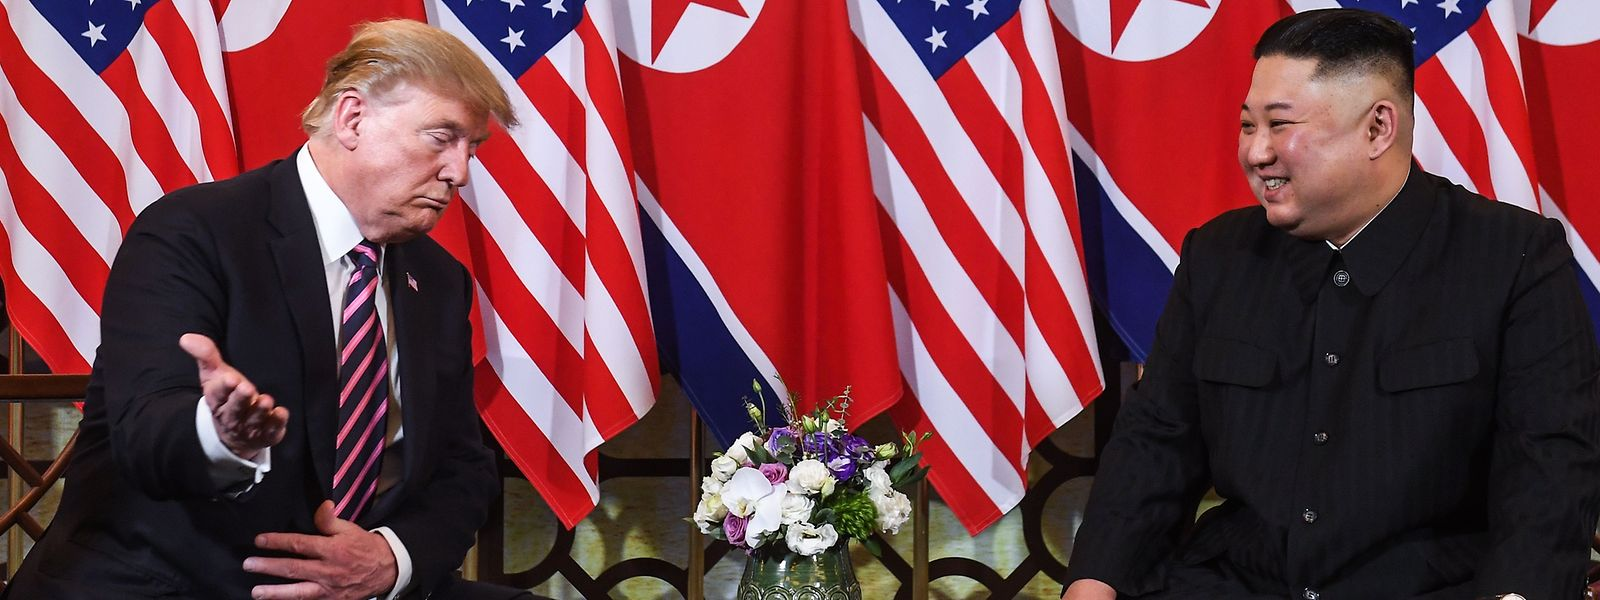 US-Präsident Donald Trump und der nordkoreanische Machthaber Kim Jong Un während ihres Gipfeltreffens im Februar in Hanoi.